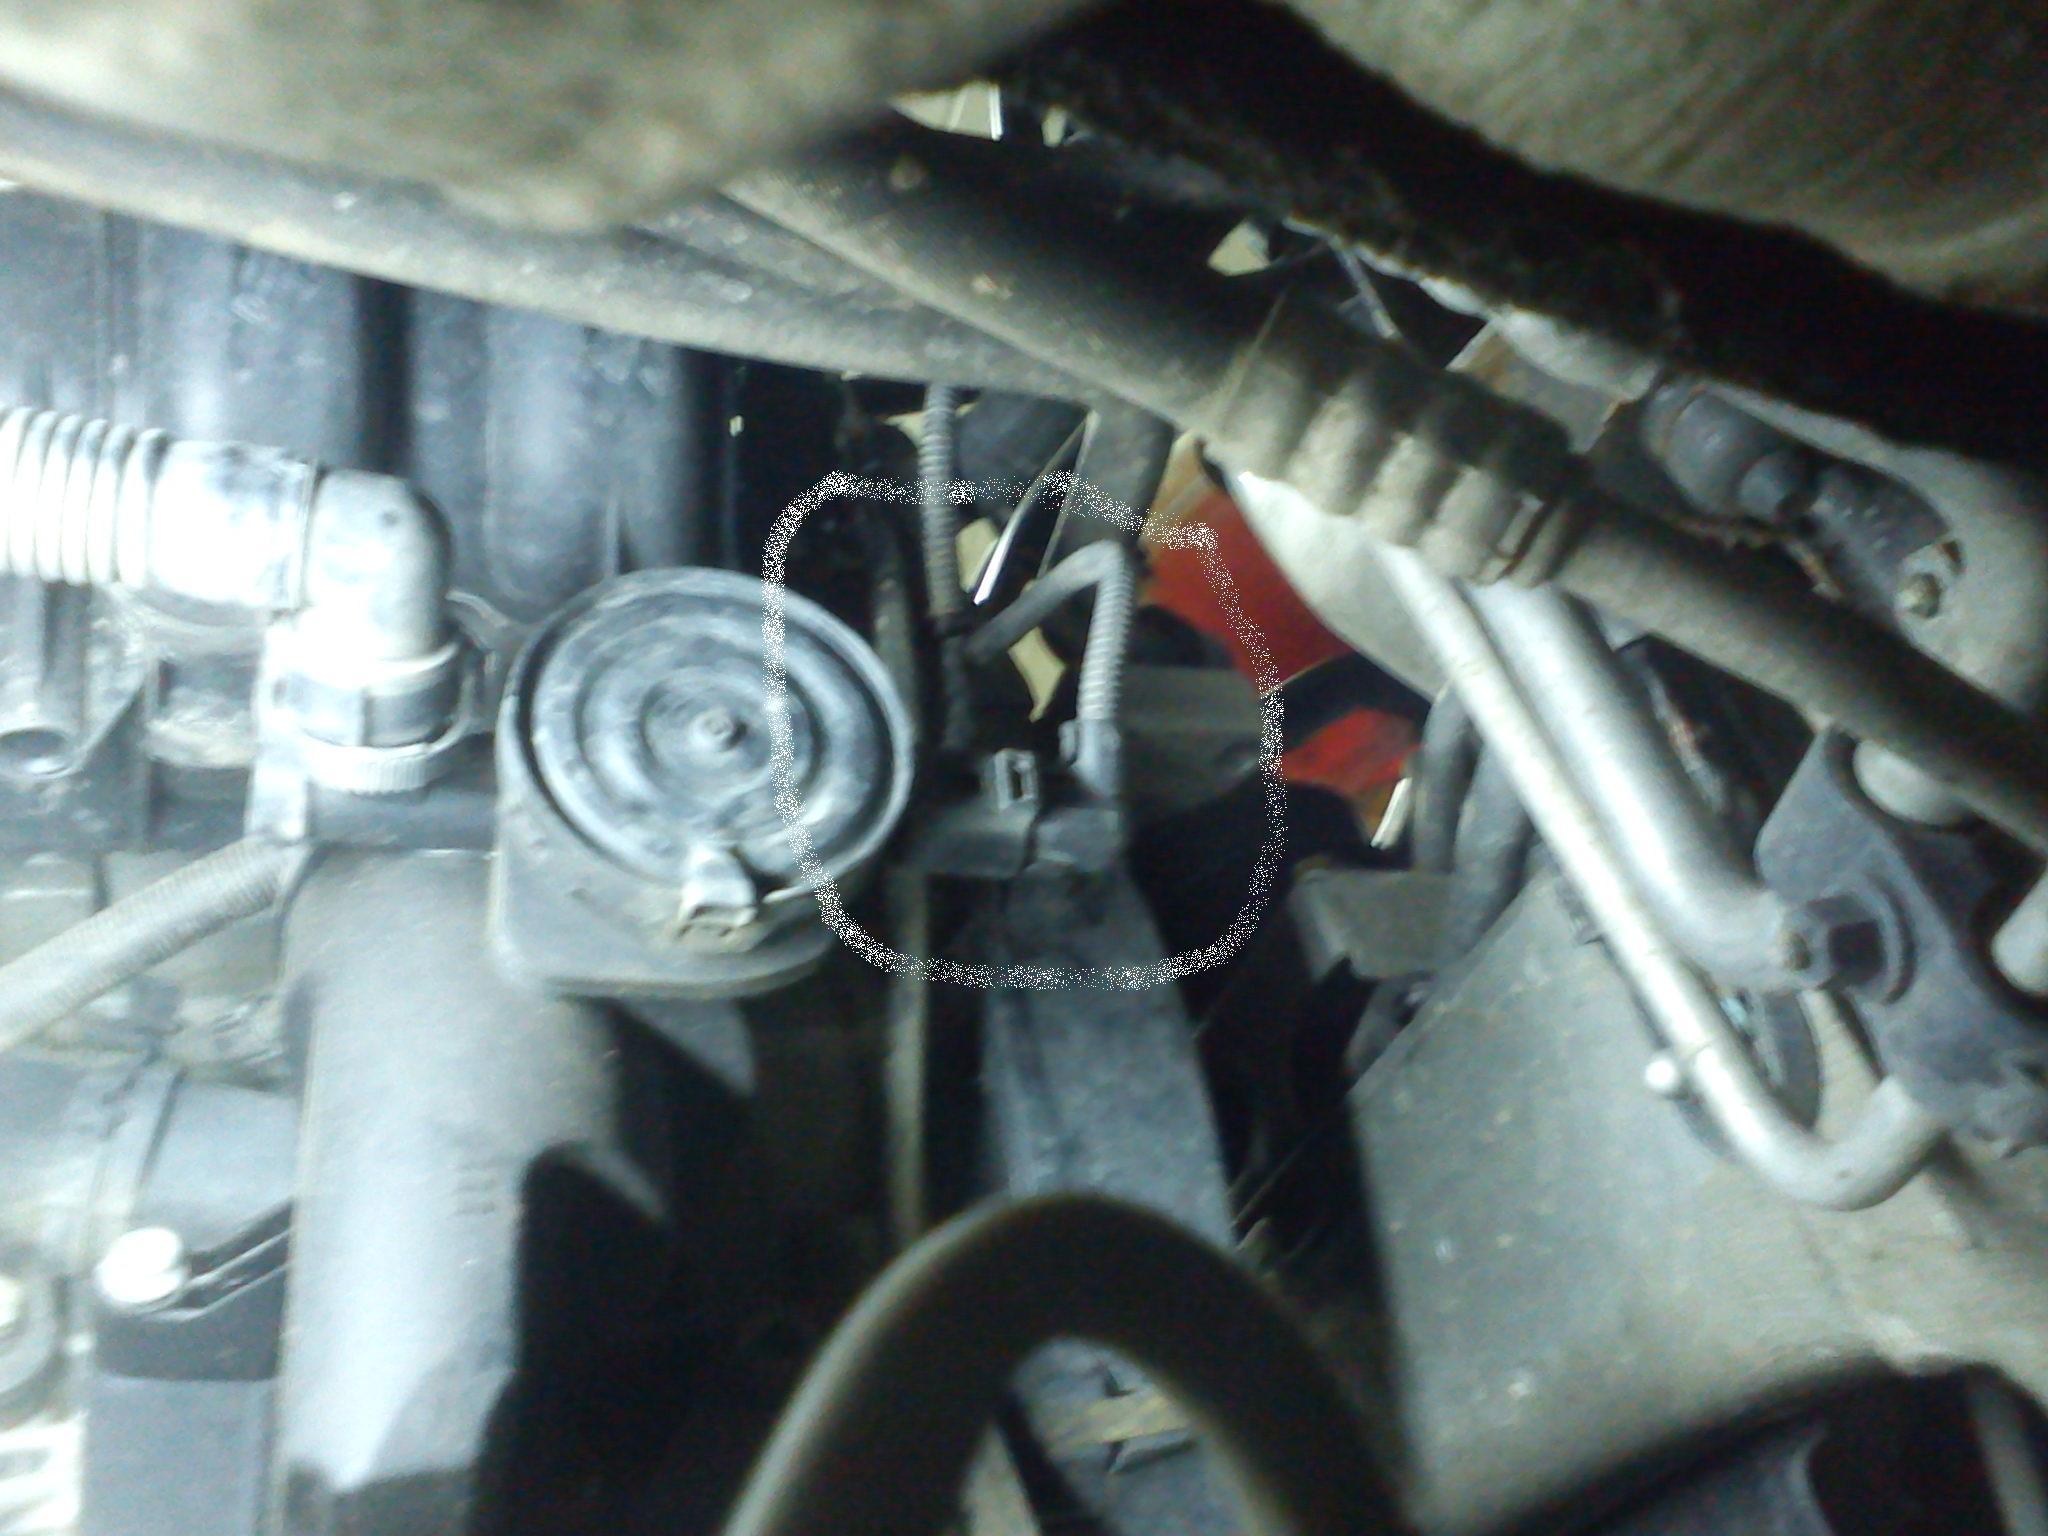 Skoda Fabia 2004 1.4 16V Co to jest??? Jak si� nazywa si� ten czujnik.